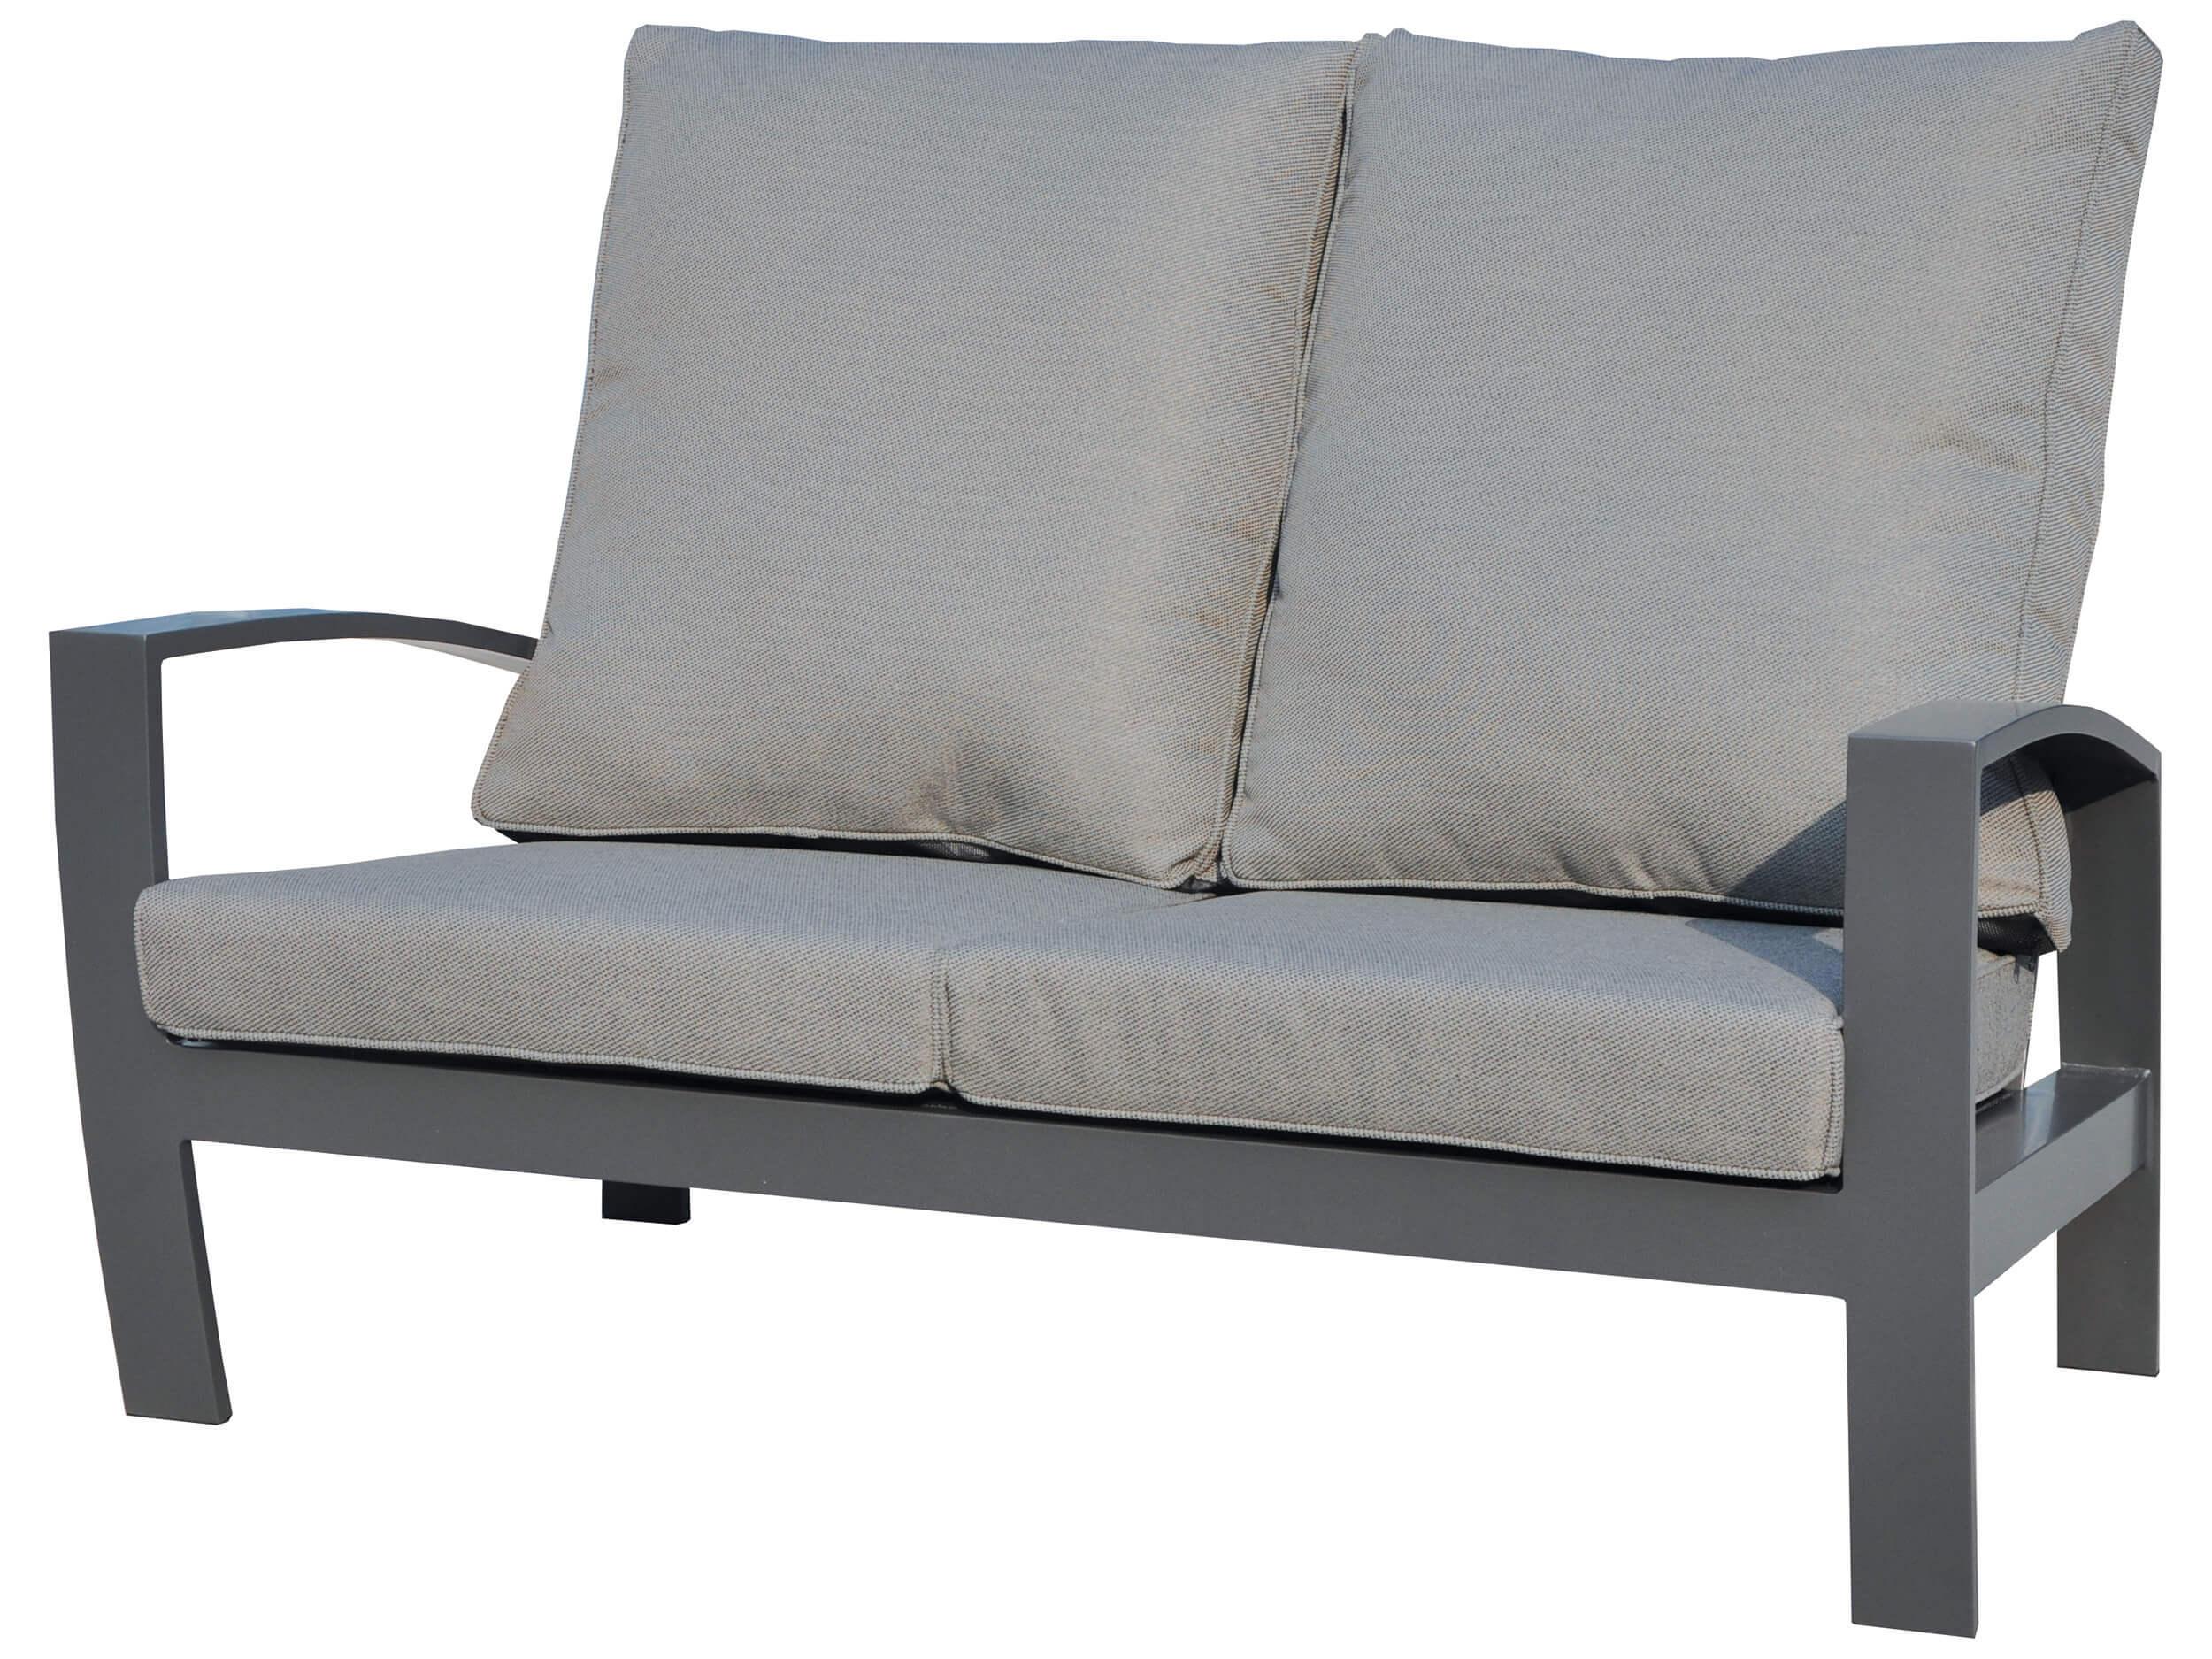 Full Size of Loungemöbel Alu Aluminium Lounge Valencia 2 Sitzer Sofa Gartenmbel Lnse Holz Fenster Preise Garten Günstig Verbundplatte Küche Aluplast Wohnzimmer Loungemöbel Alu